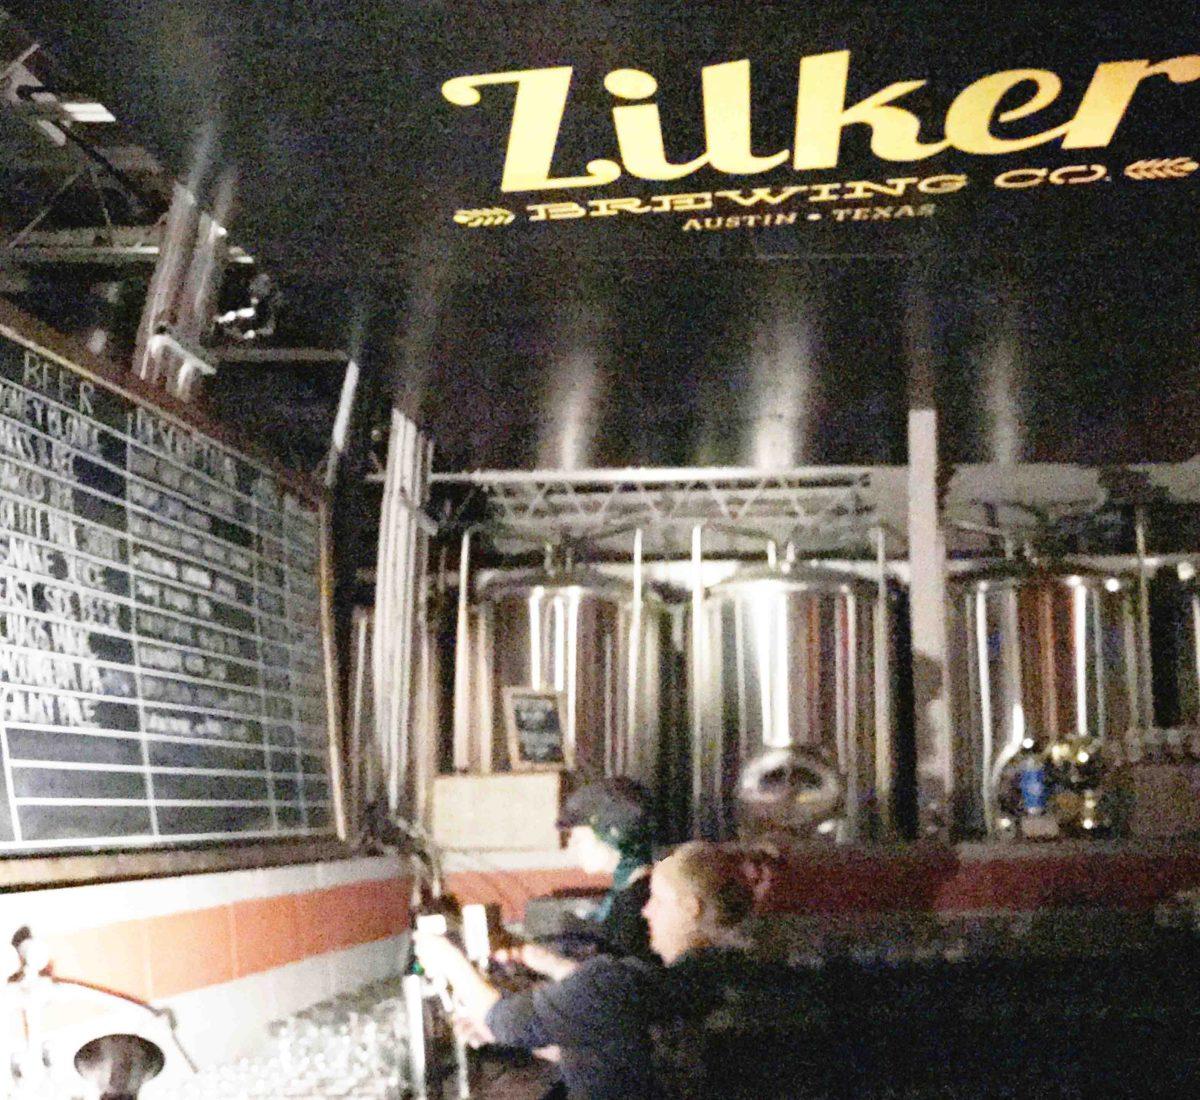 350. Zilker Brewing, Austin TX, 2017